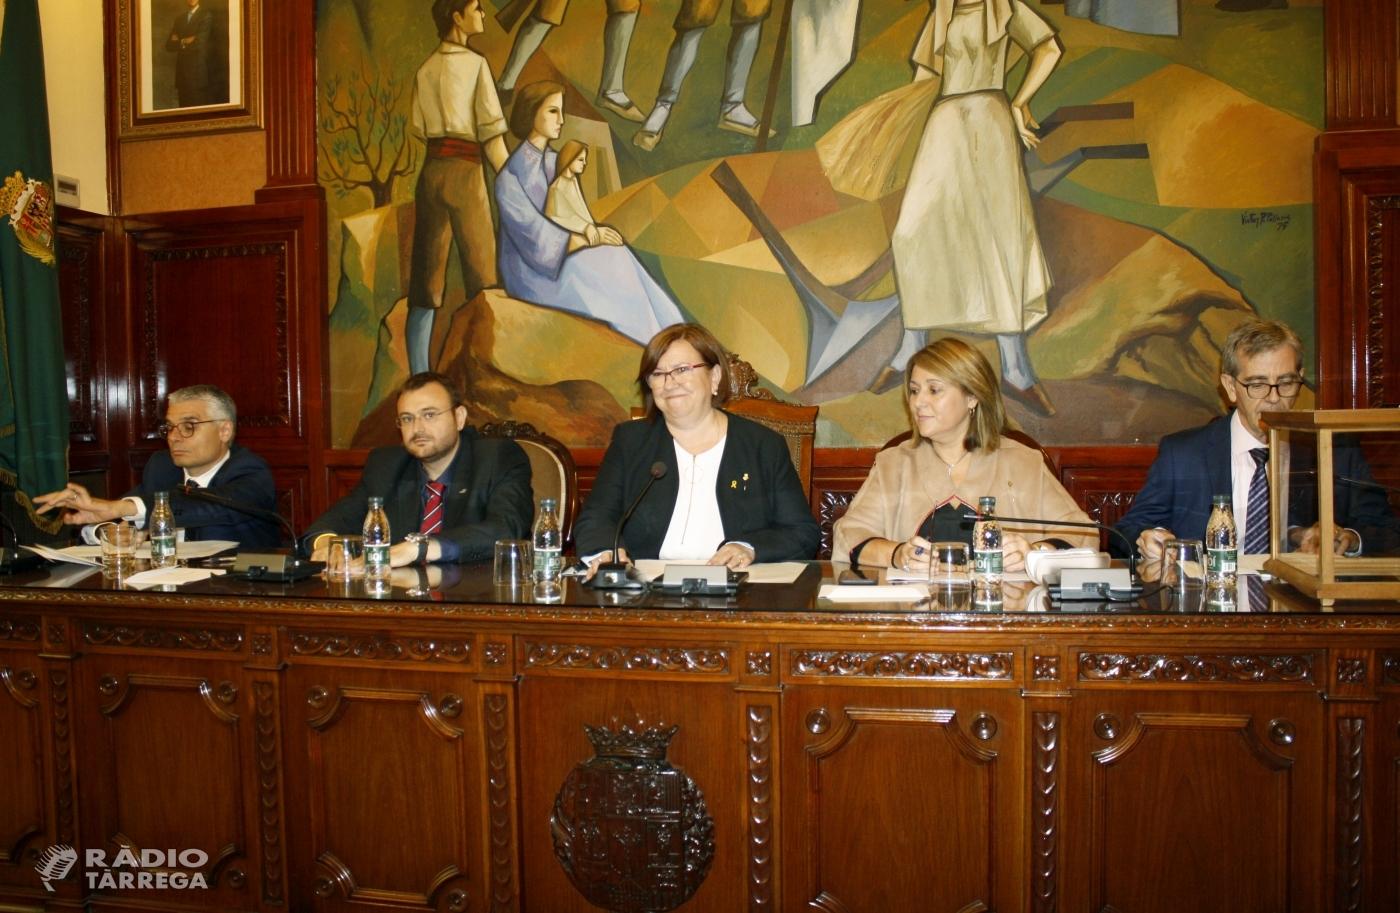 L'alcaldessa de Tàrrega, Rosa Maria Perelló, és nomenada Presidenta de la Diputació de Lleida